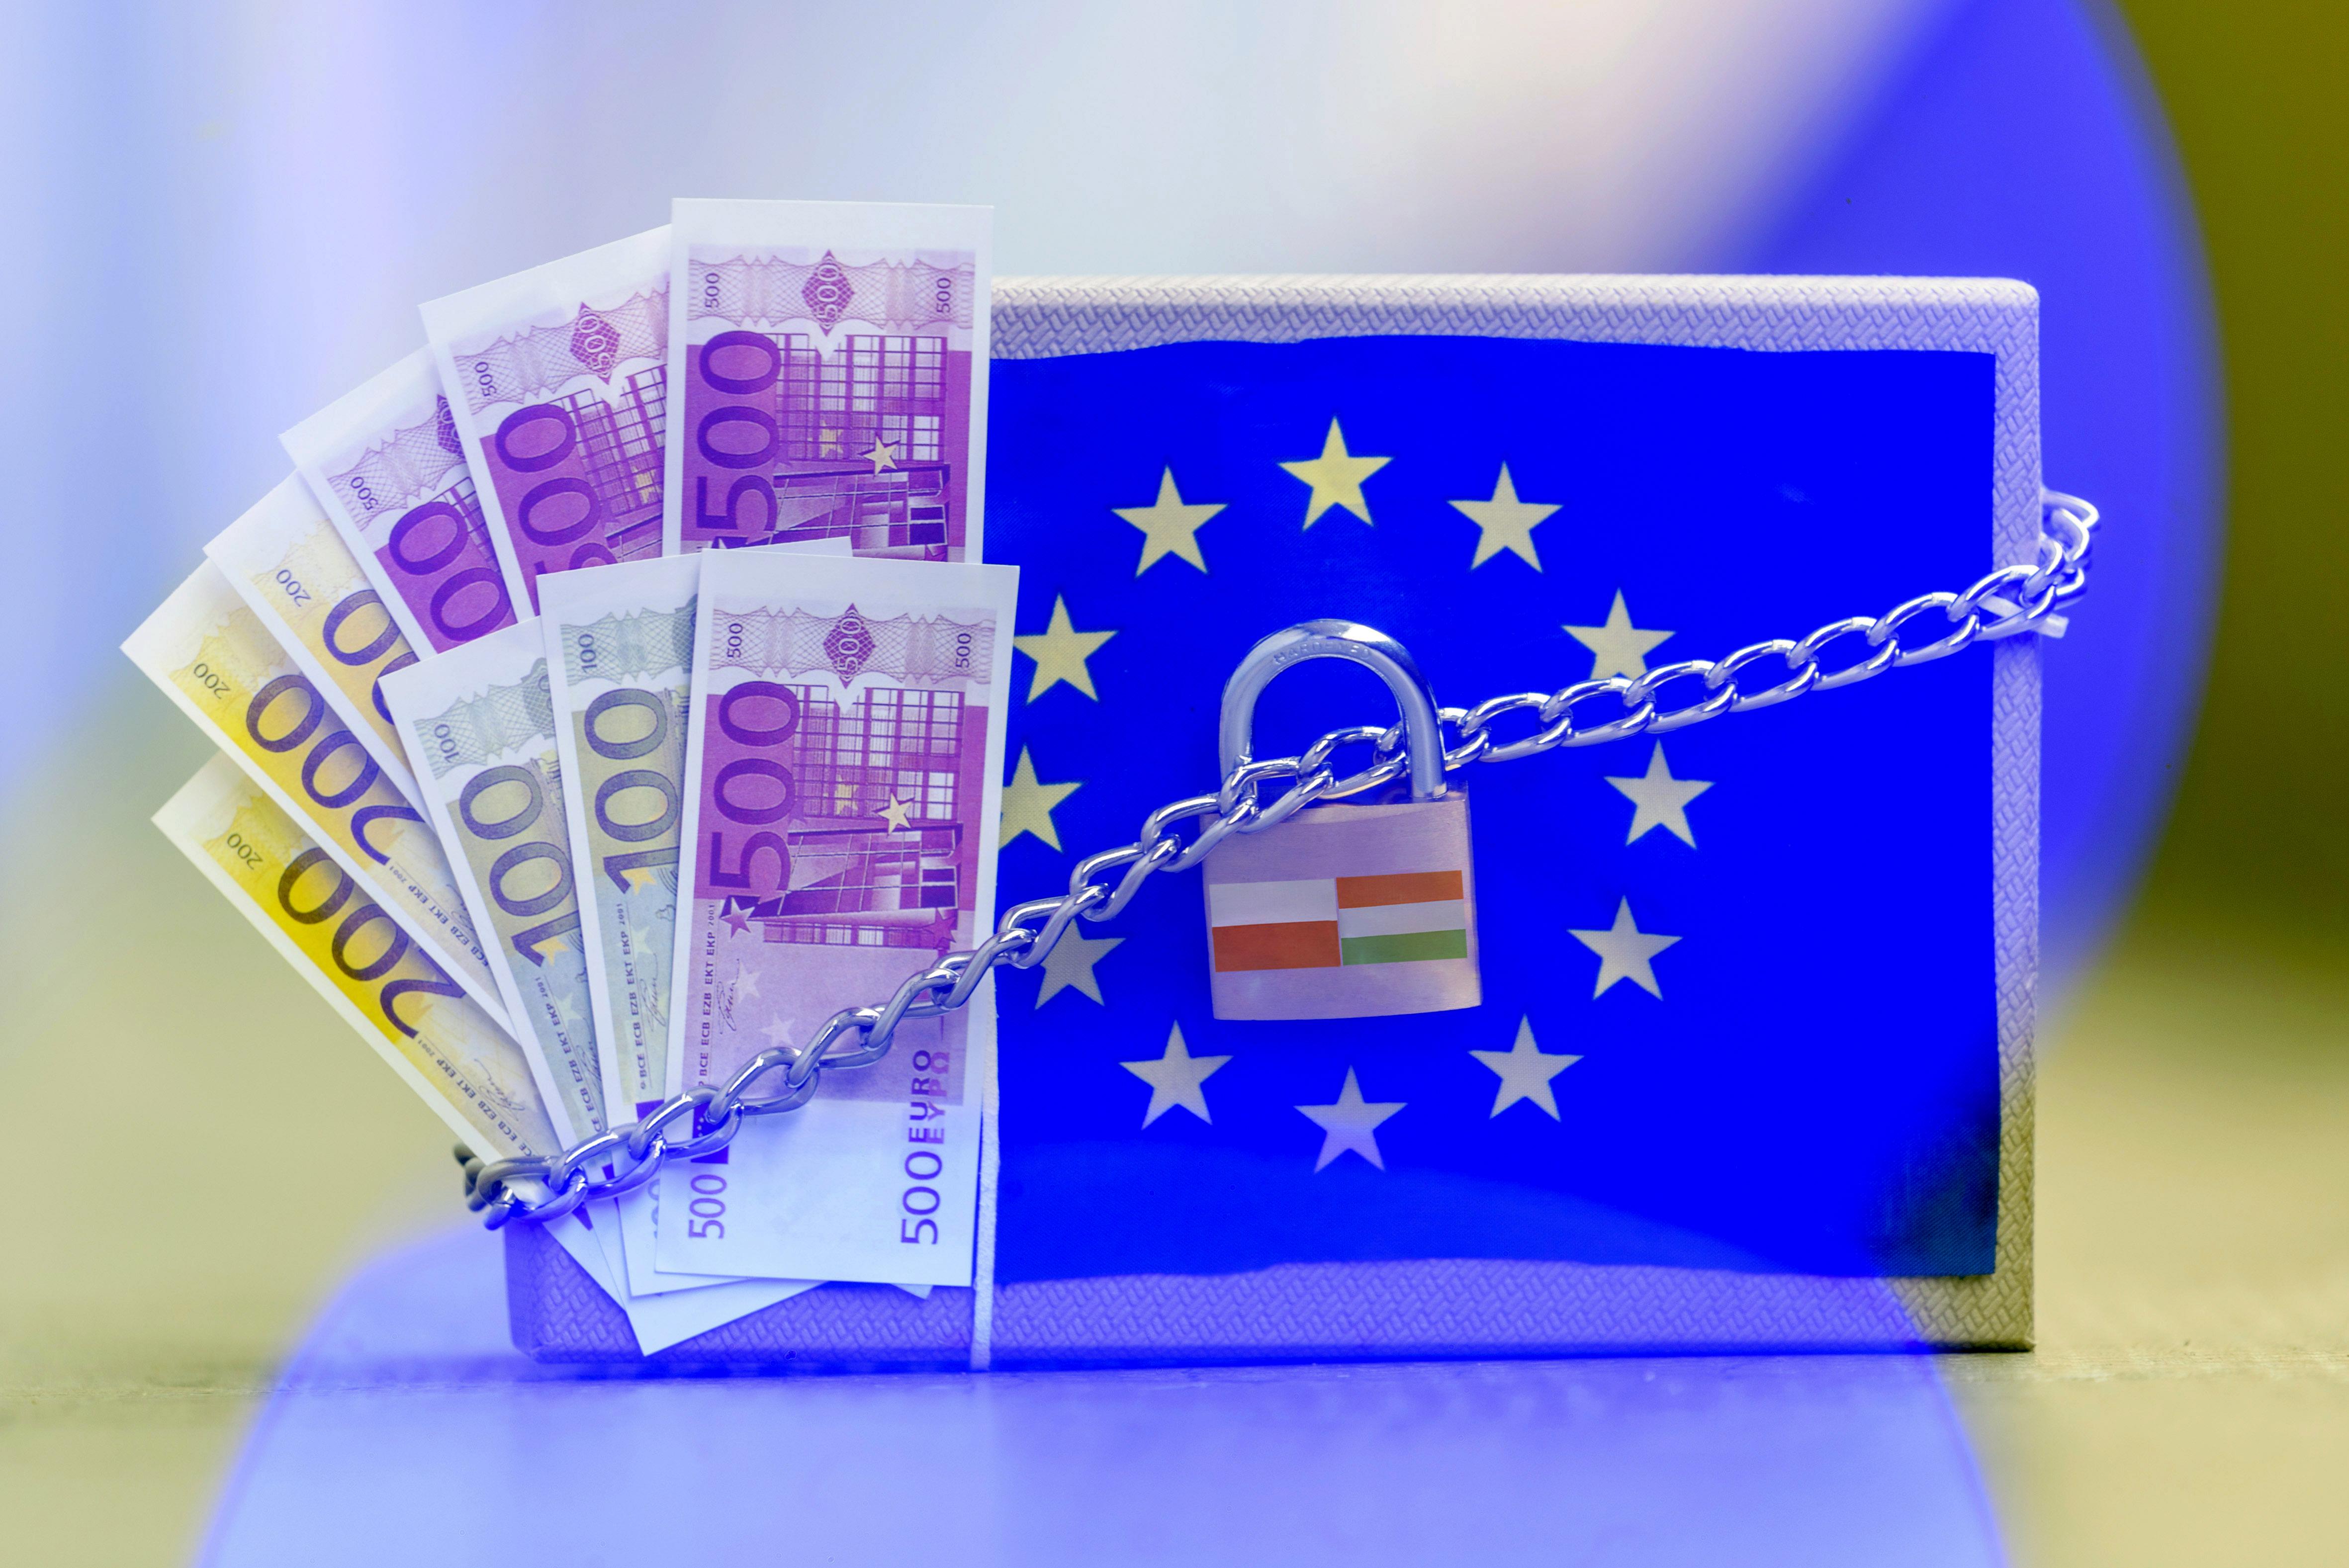 Míg Orbán vétóval fenyeget, gőzerővel tervezi a kormány a pénz elköltését